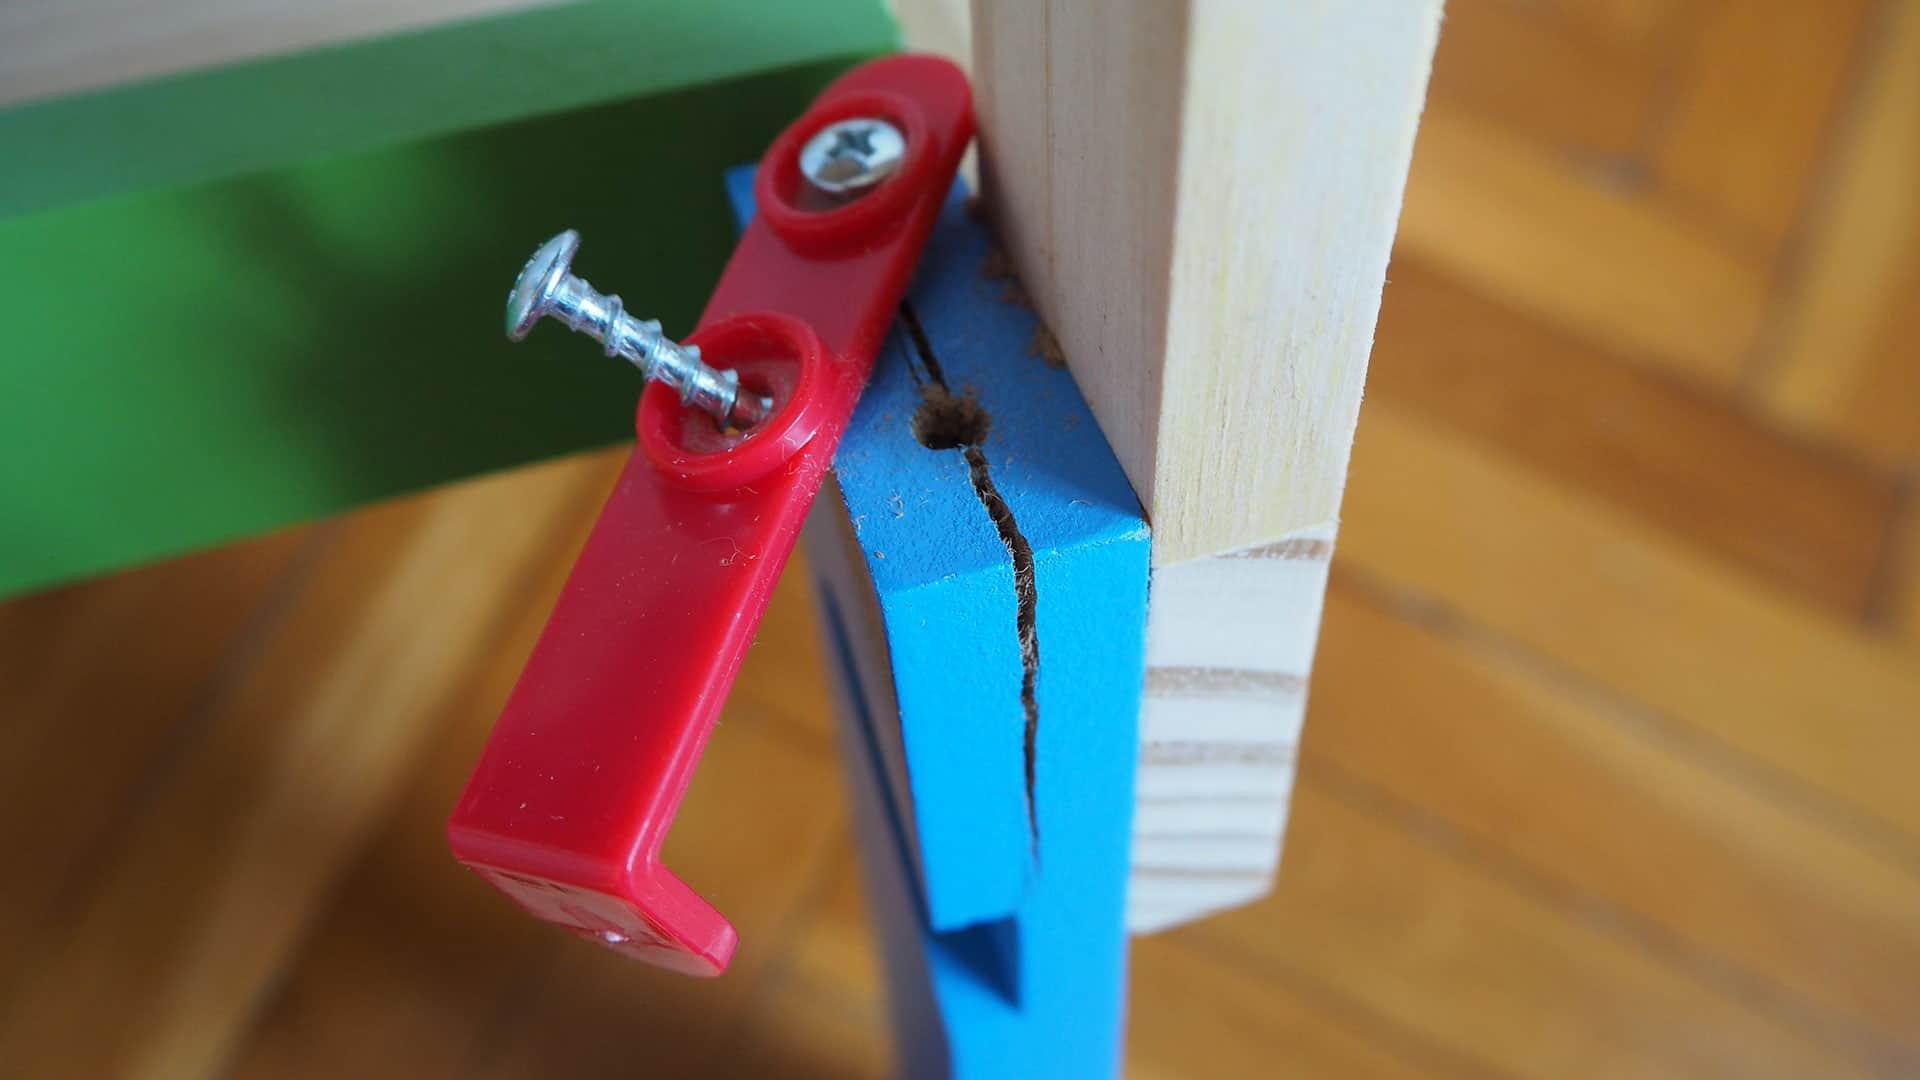 Holz gerissen und die Schrauben halten nicht. DIe Lidl Werkbank